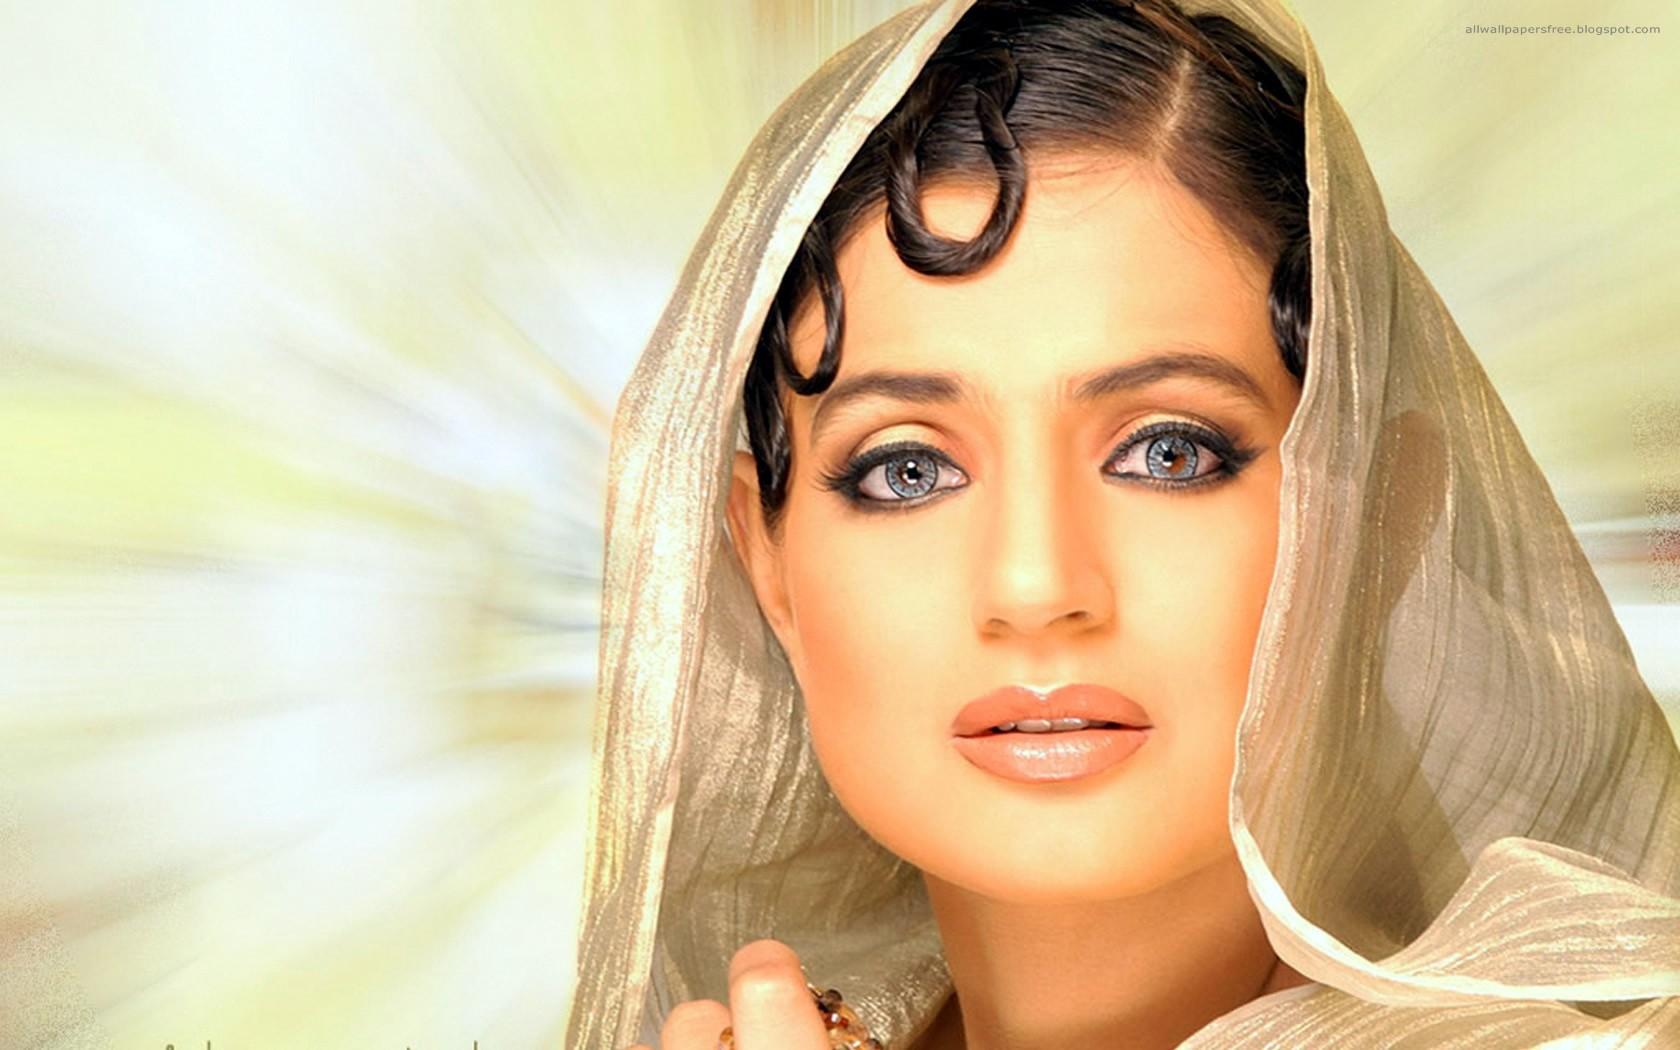 Смотреть красивые девушки индии фото